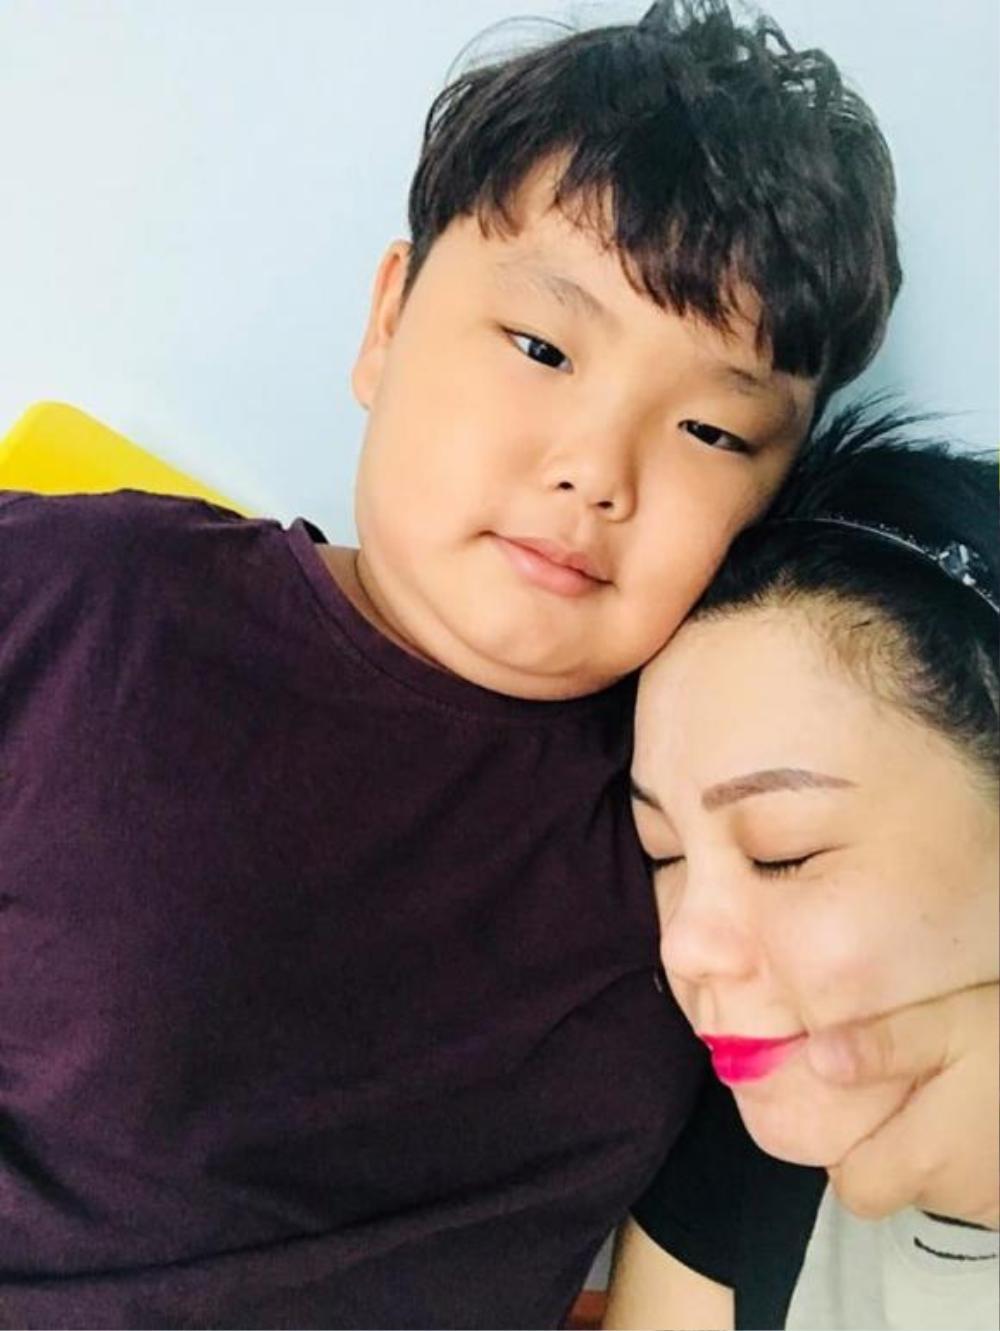 Con trai Xuân Bắc khiến cư dân mạng cười 'té ghế' khi tính sổ tiền công với mẹ Ảnh 6